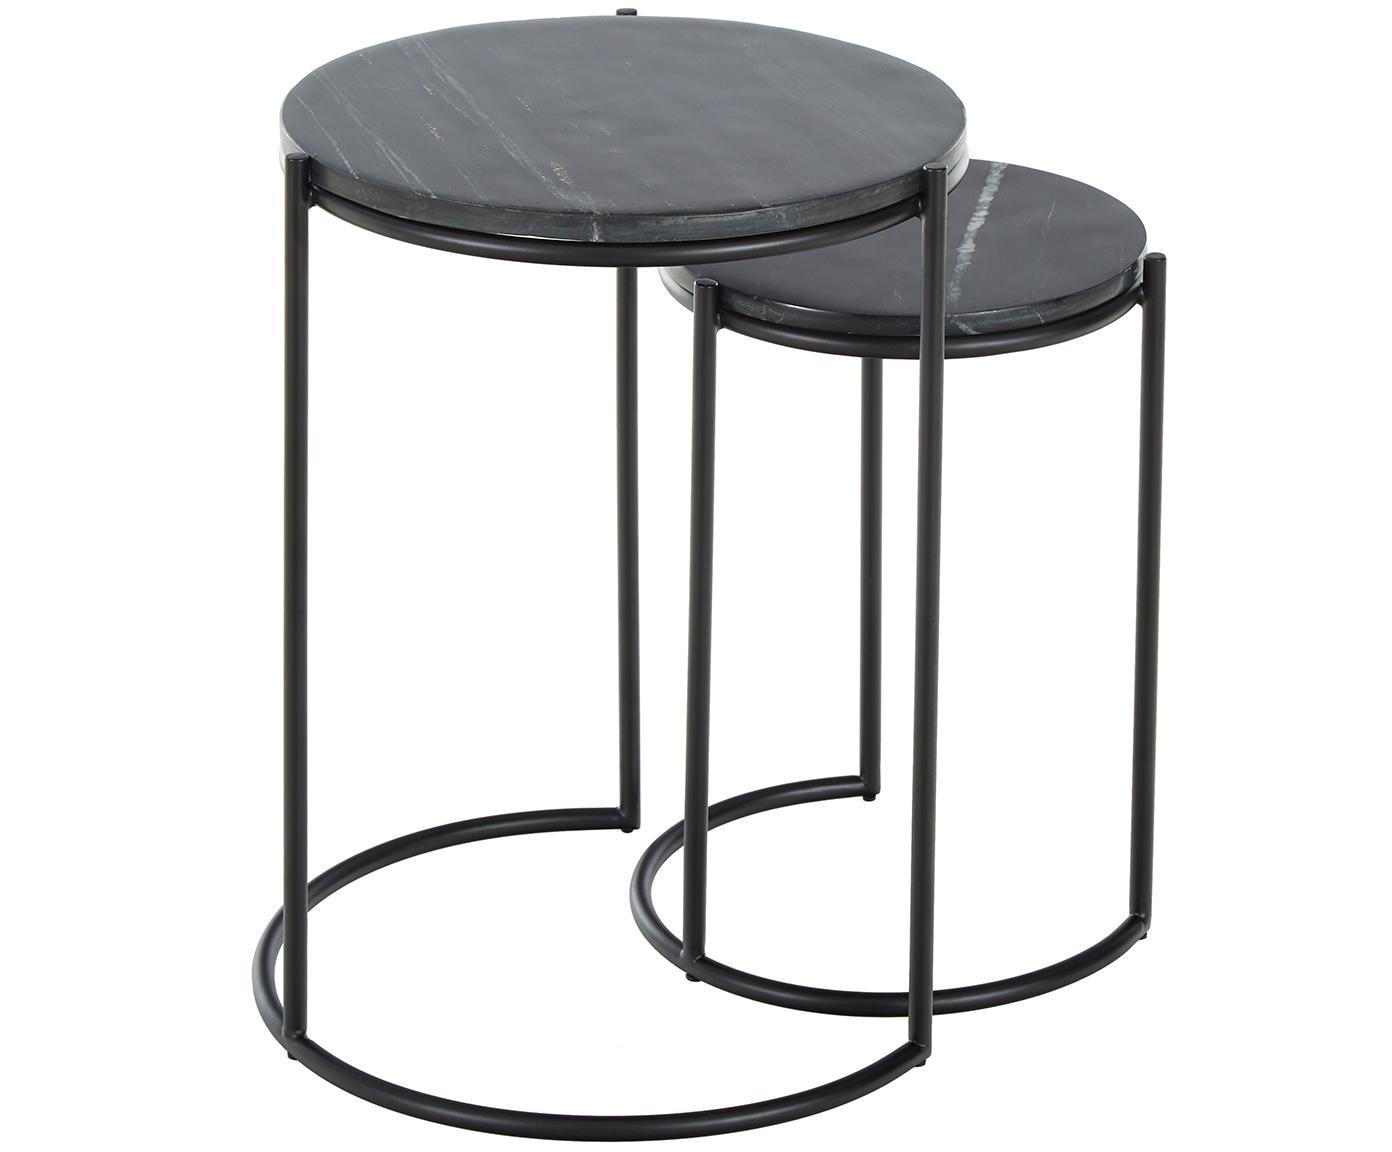 Set 2 tavolini in marmo Ella, Ripiani: pietra naturale di marmo, Struttura: metallo verniciato a polv, Piani d'appoggio: marmo nero Struttura: nero opaco, Diverse dimensioni